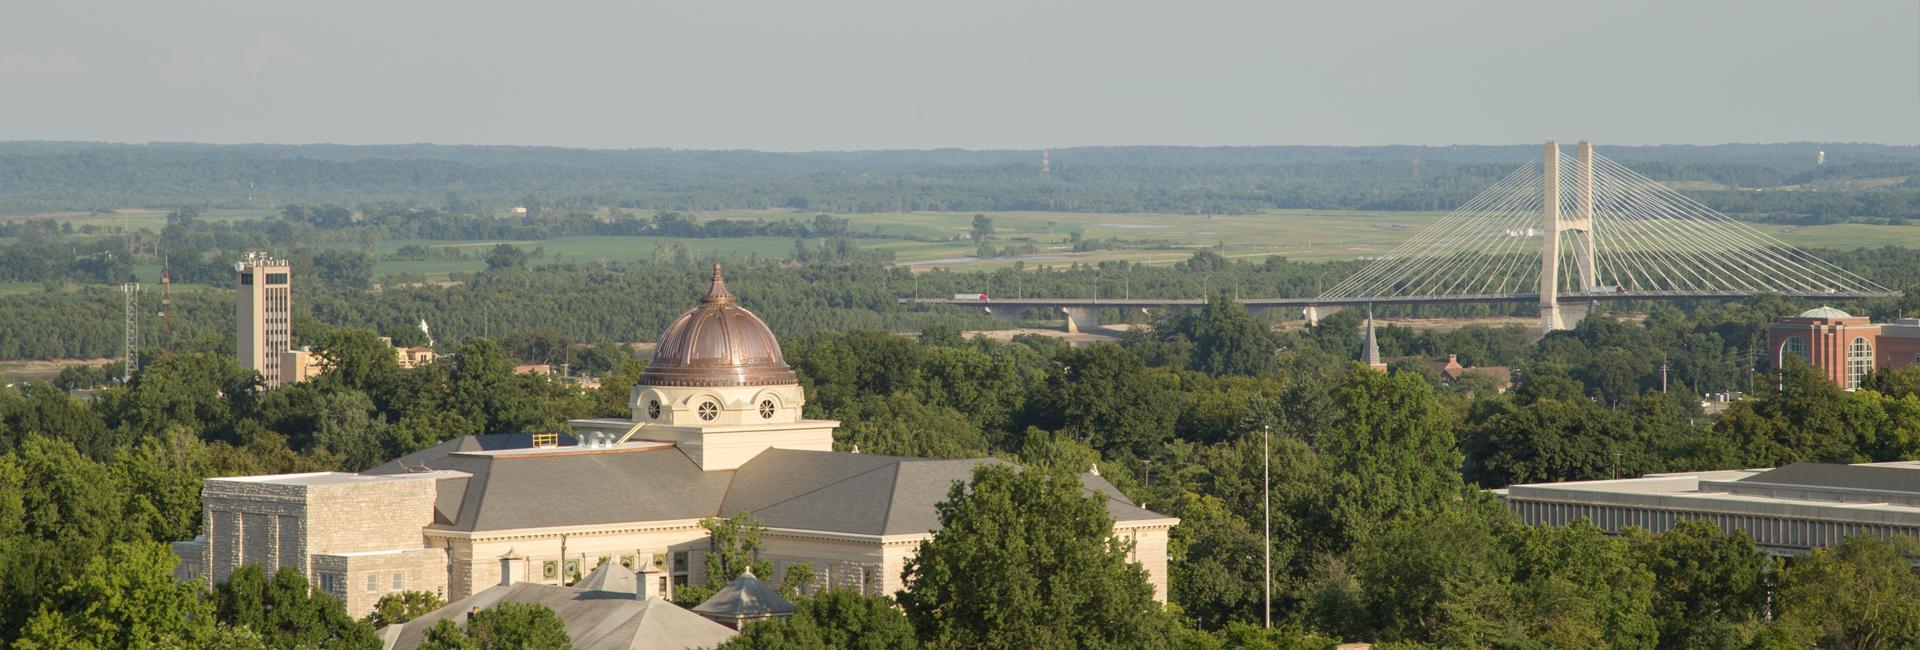 About Southeast Missouri State University -